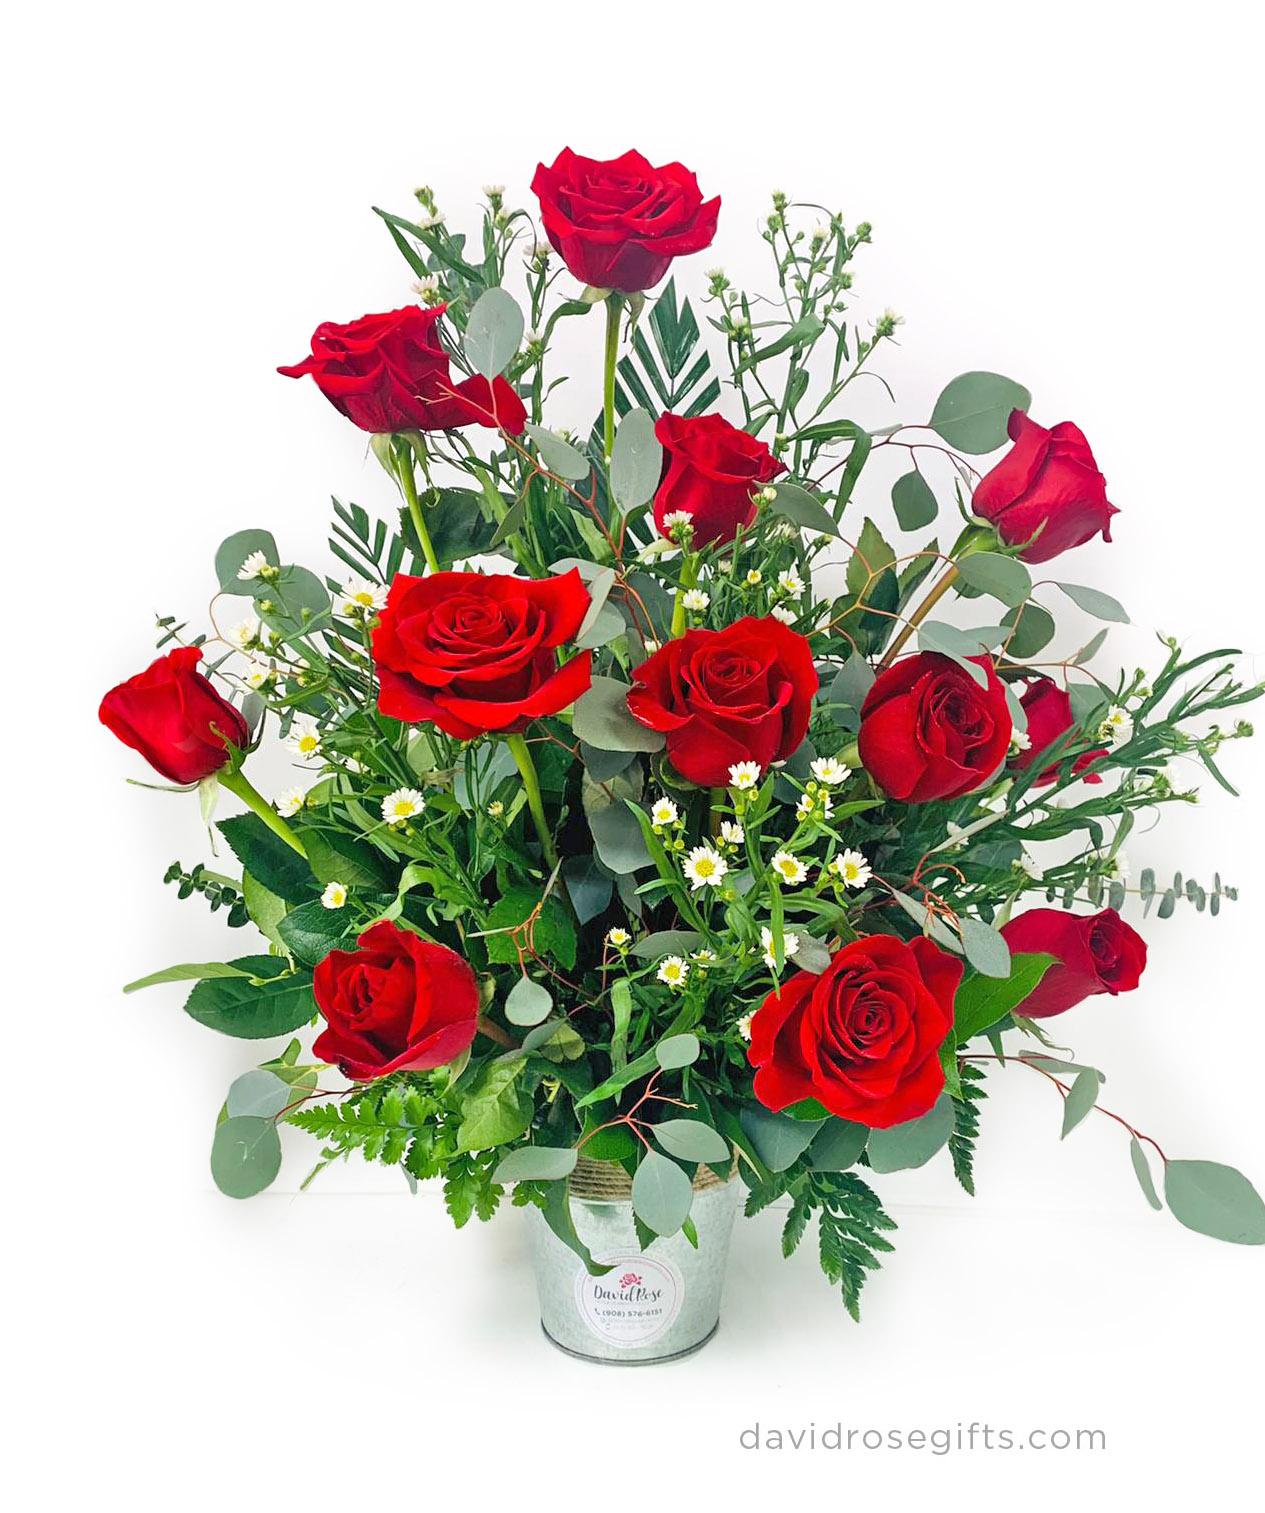 A Dozen of Roses